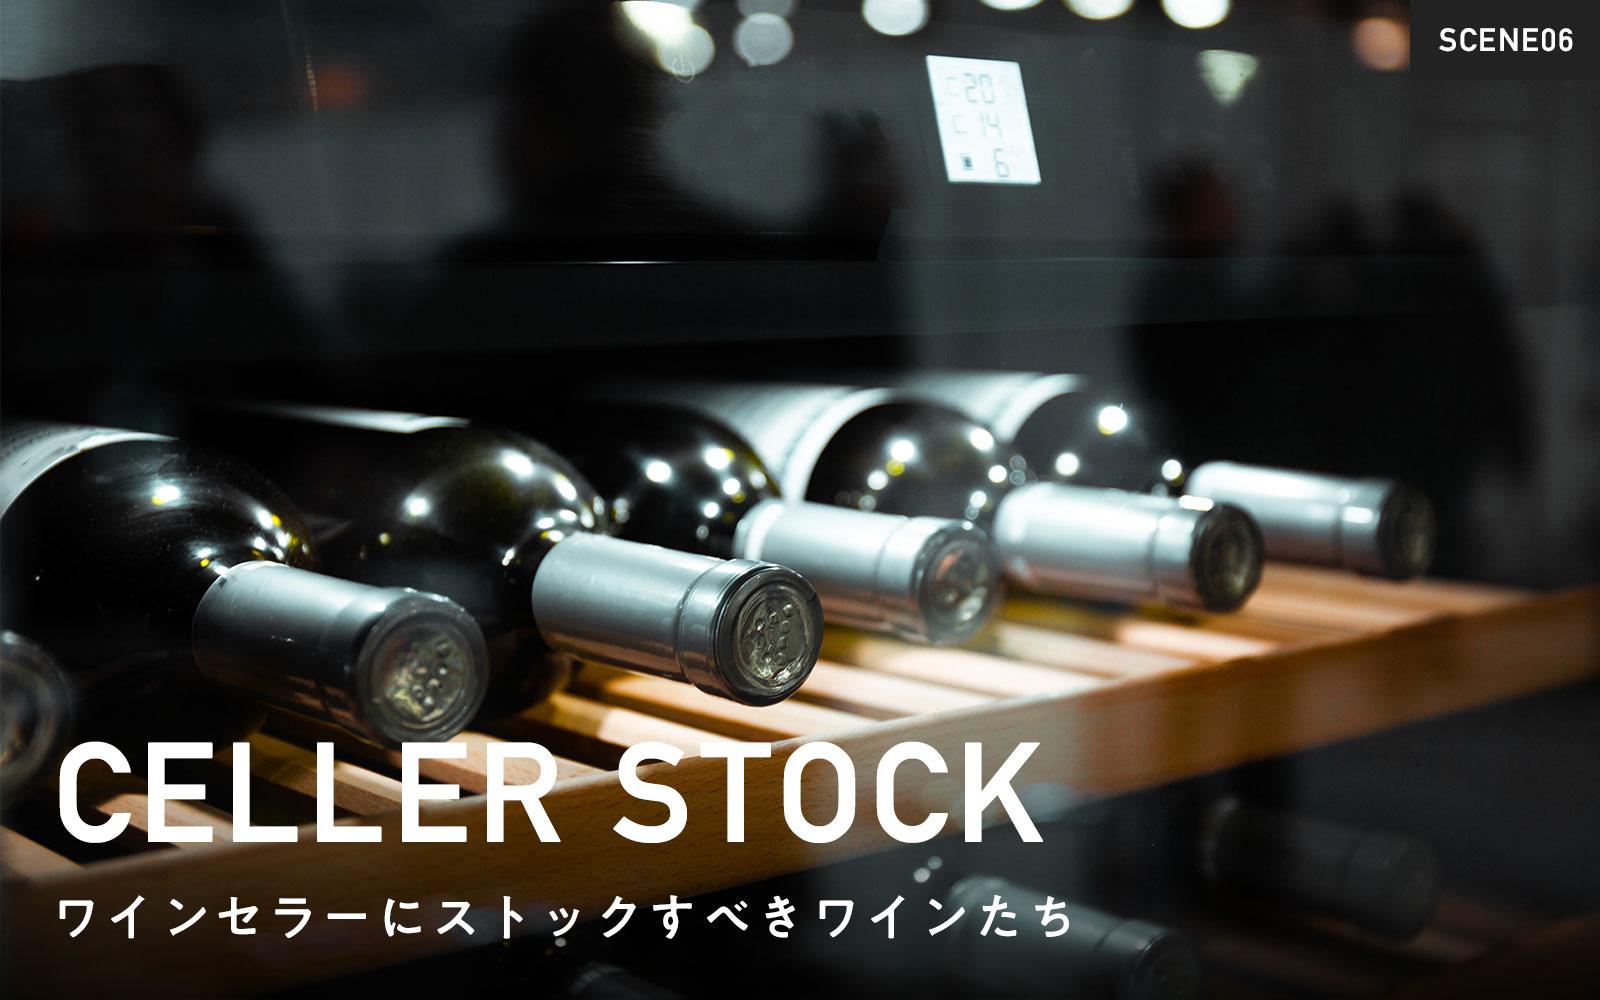 SCENE 06 ワインセラーにストックすべきワインたち